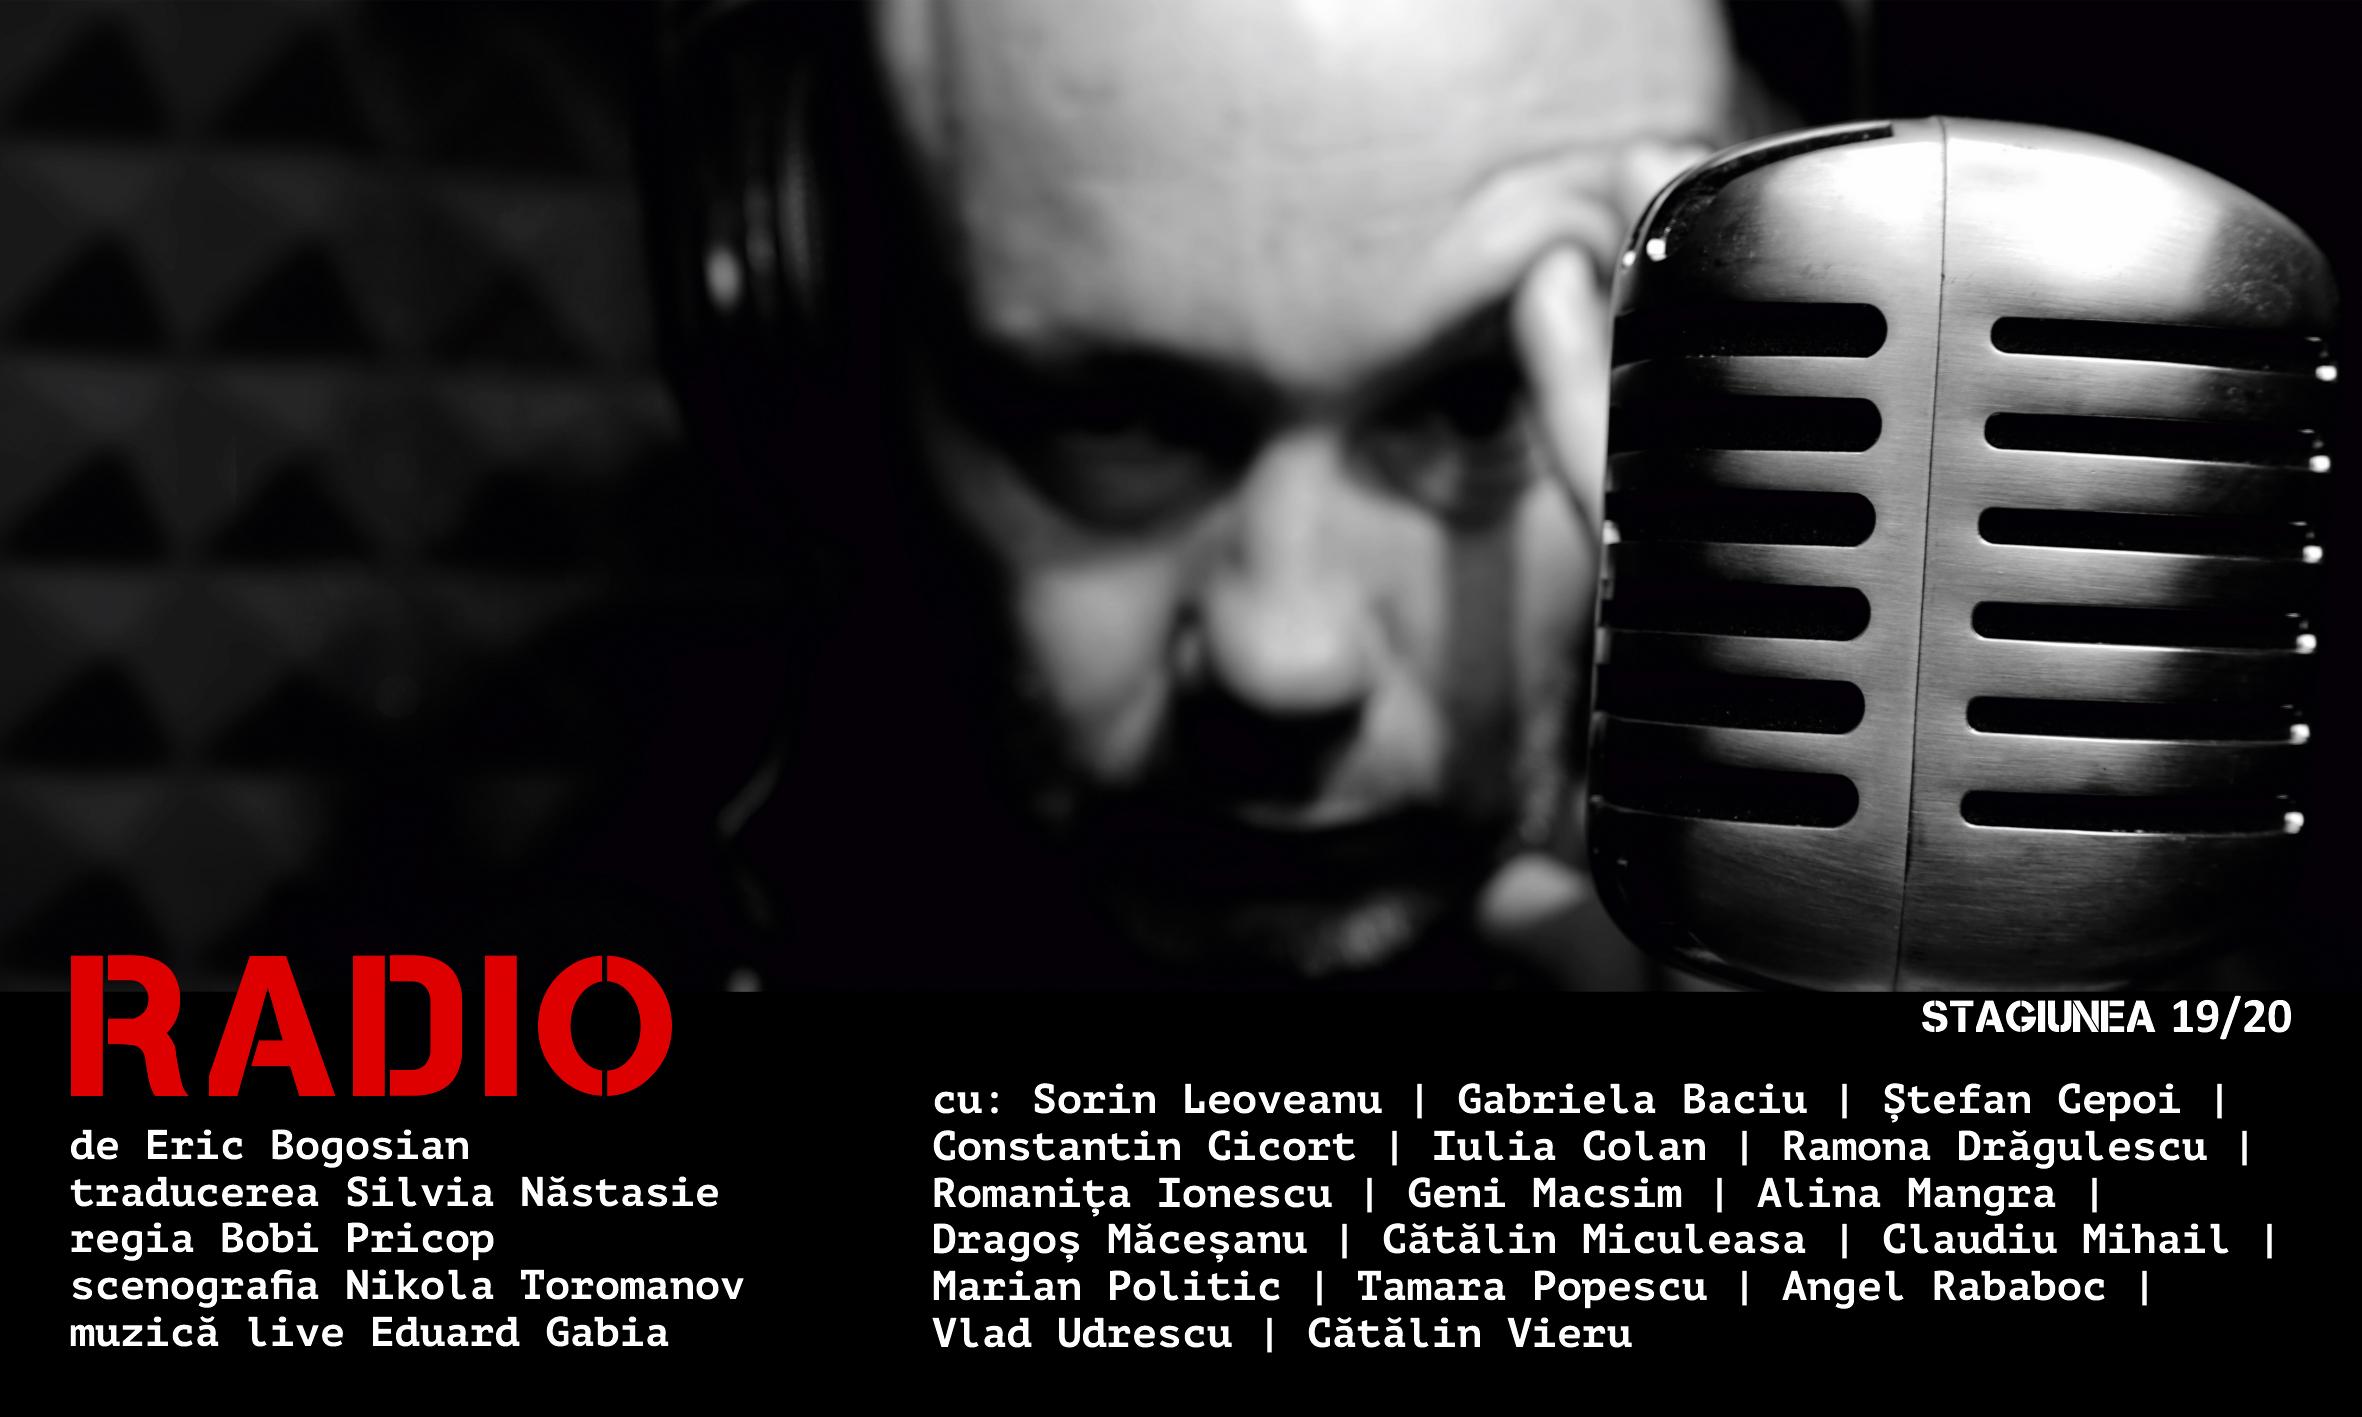 PREMIERĂ la Teatrul Național Marin Sorescu Craiova ♦ Radio ♦ regia Bobi Pricop